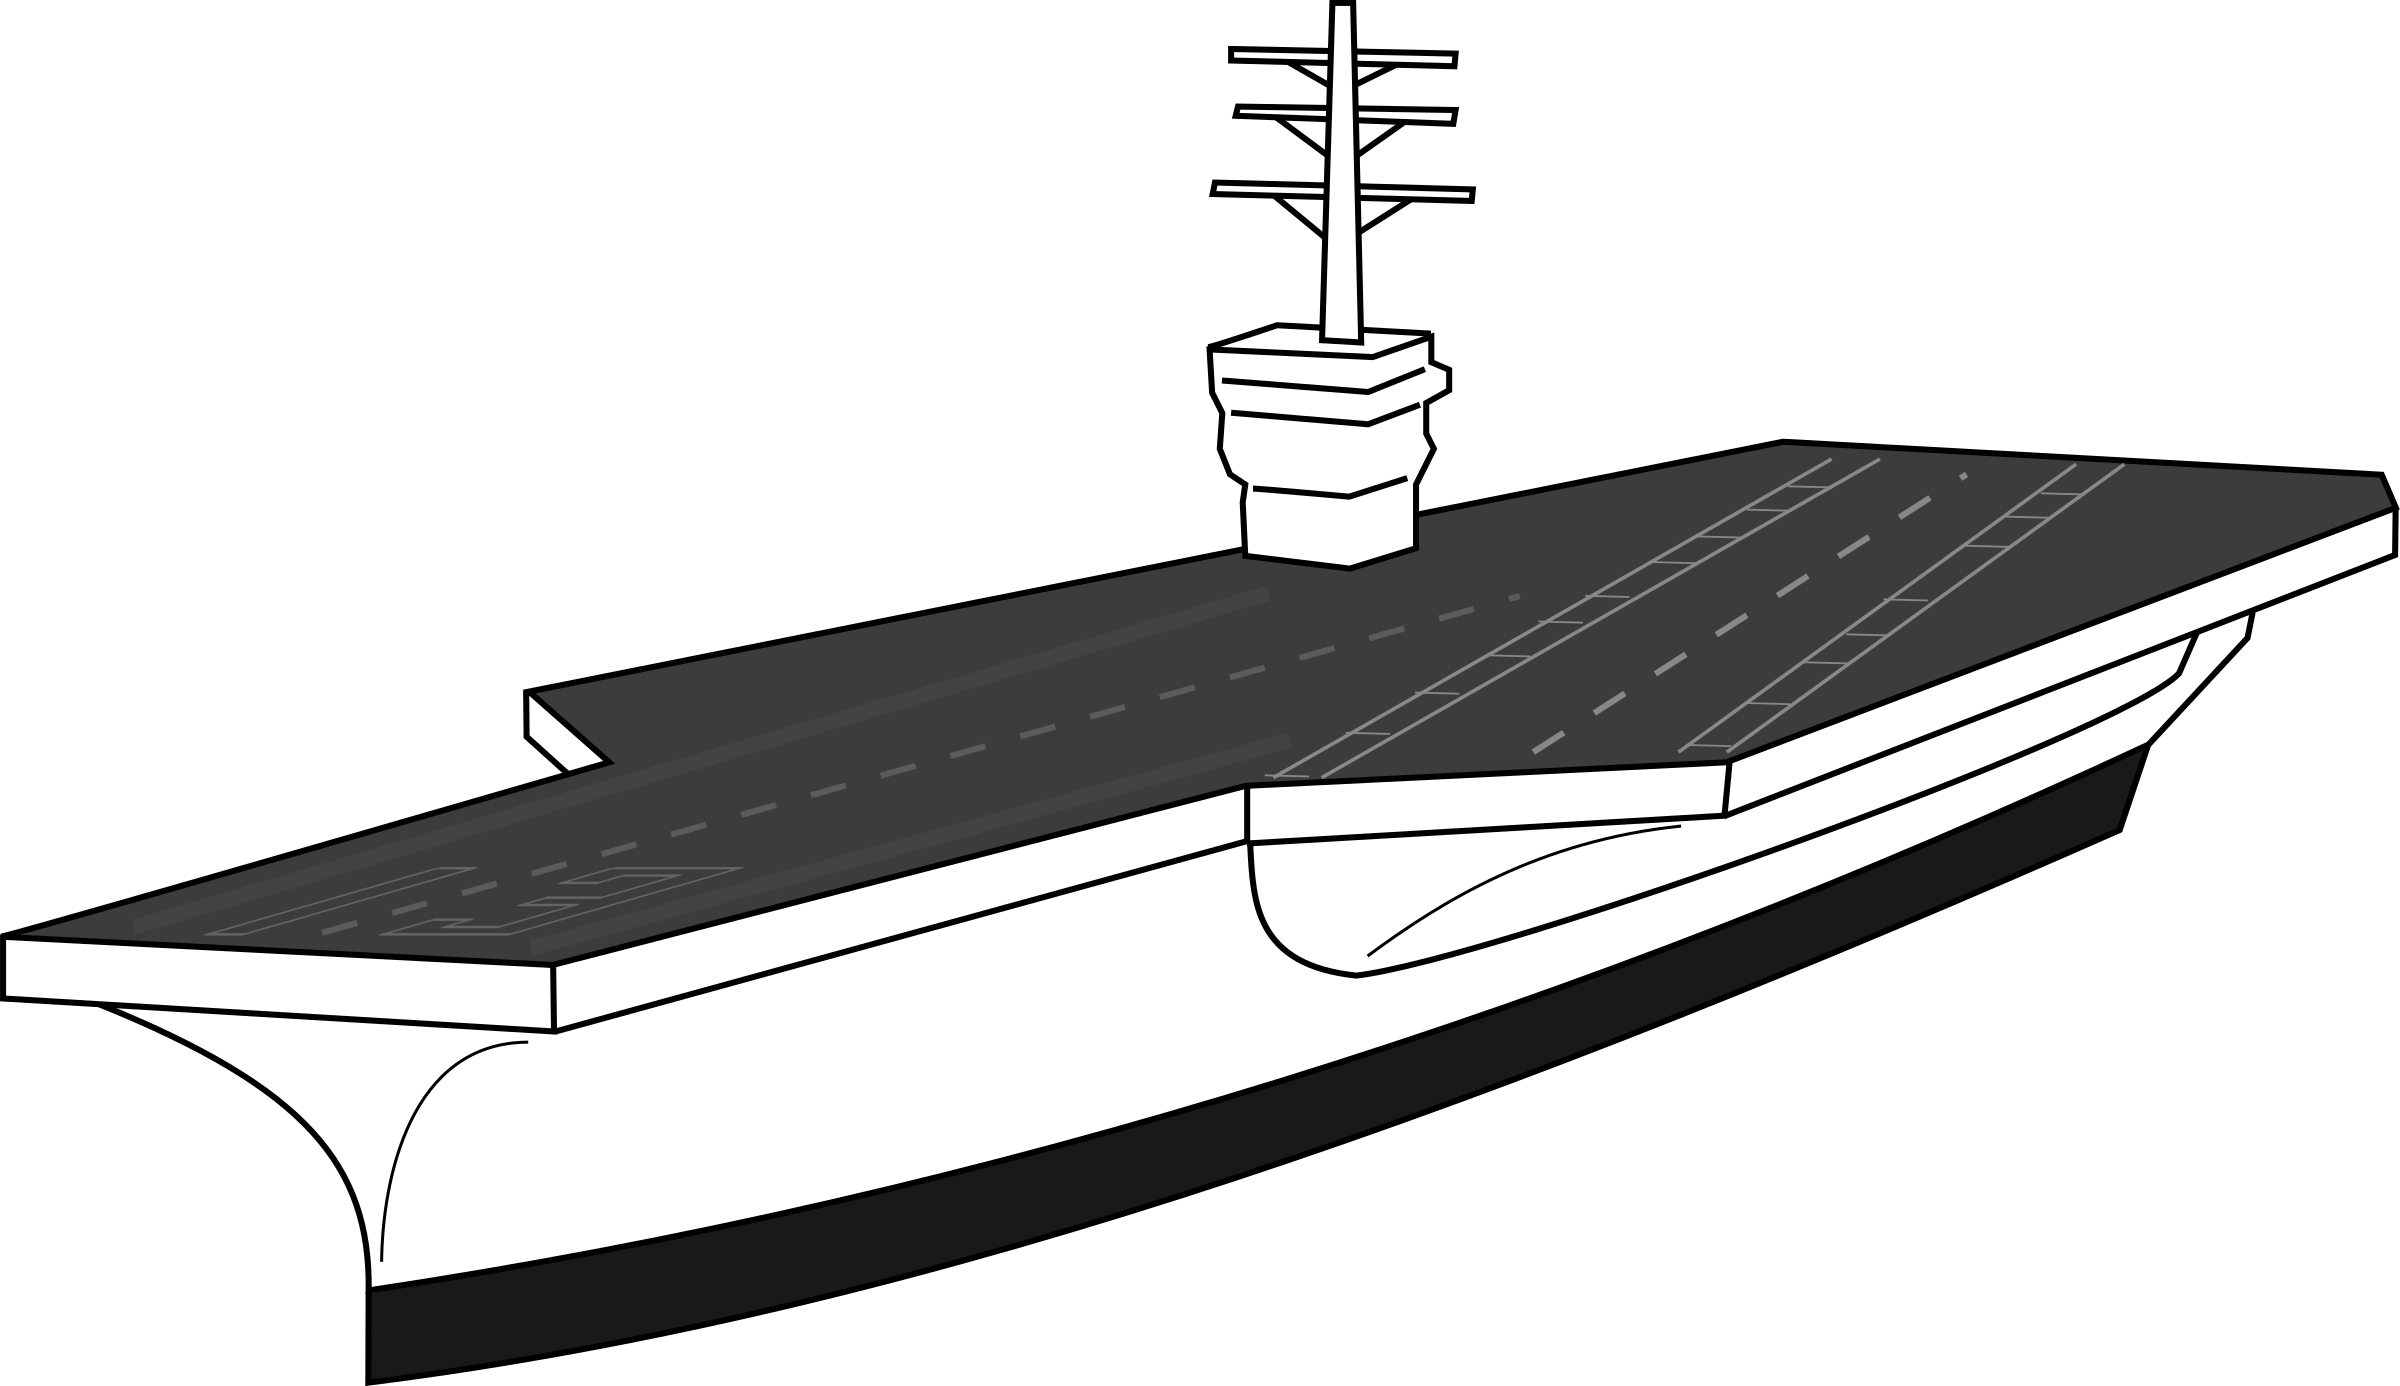 Drawn ship pirat Clipart Aircraft carrier carrier Aircraft